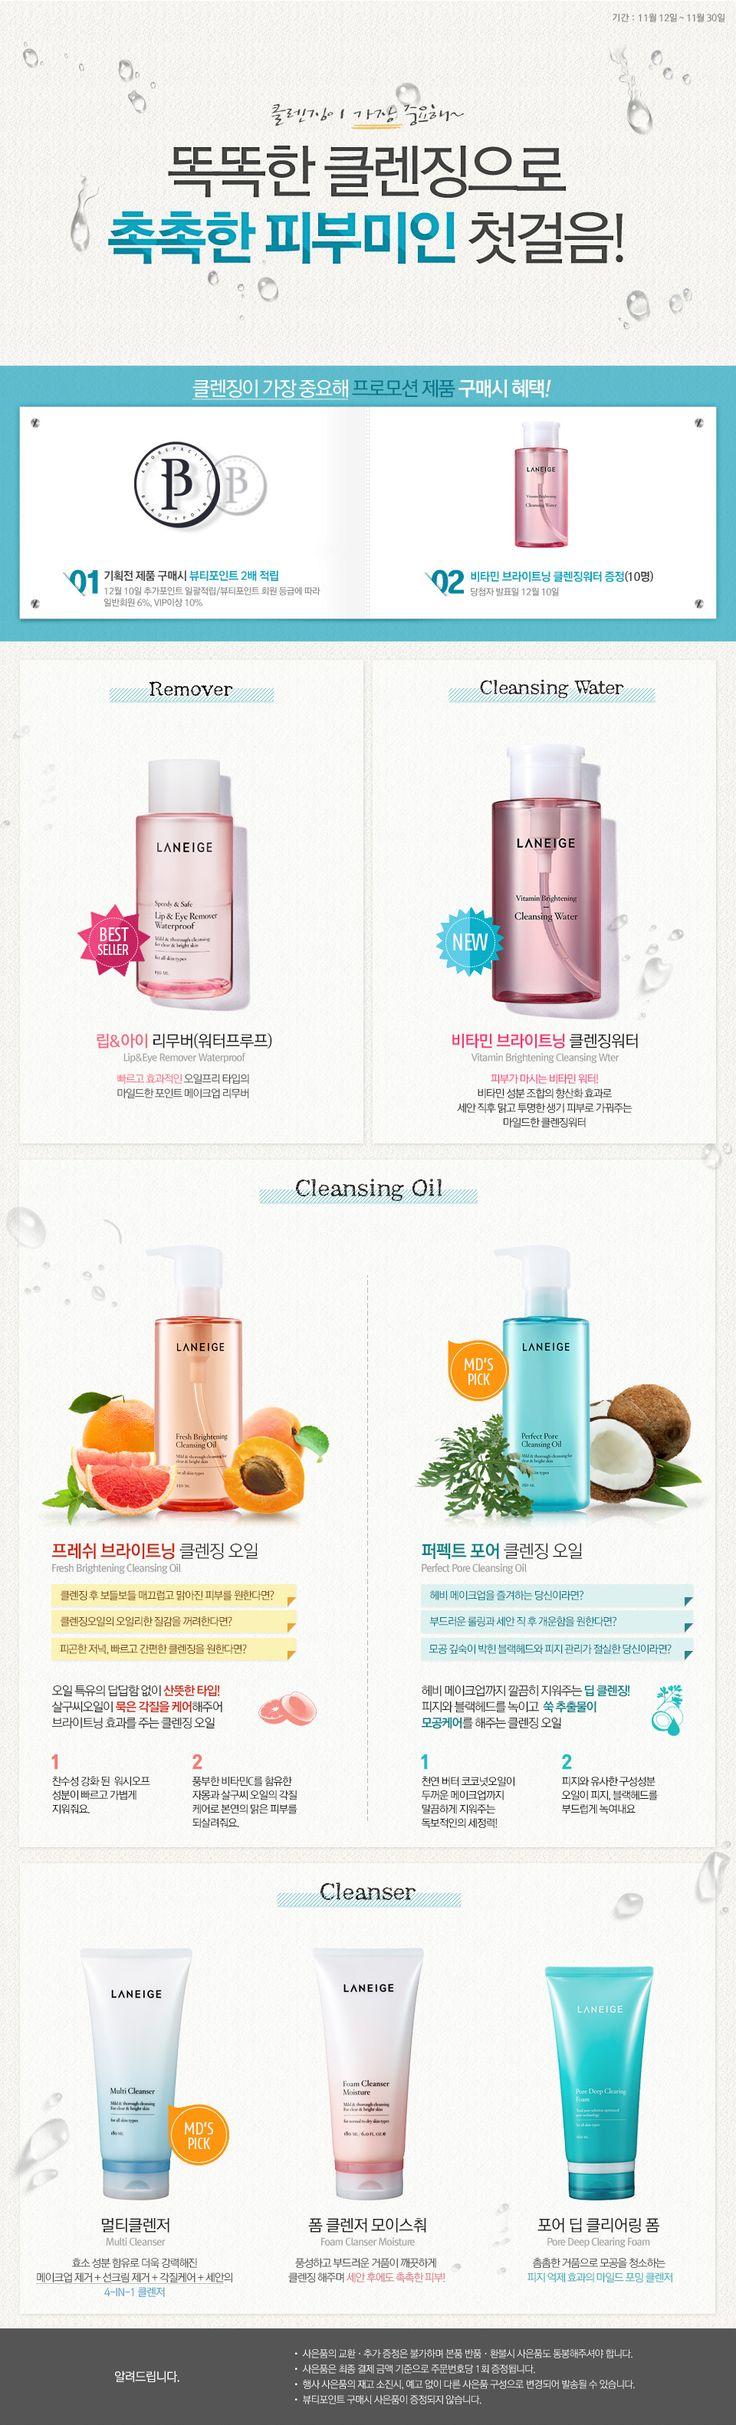 [라네즈] 클렌징 프로모션 제품 구매시 뷰티포인트2배/클렌징워터 증정(10명) 11.11 ~ 11.30 > 화장품 할인정보   8hours